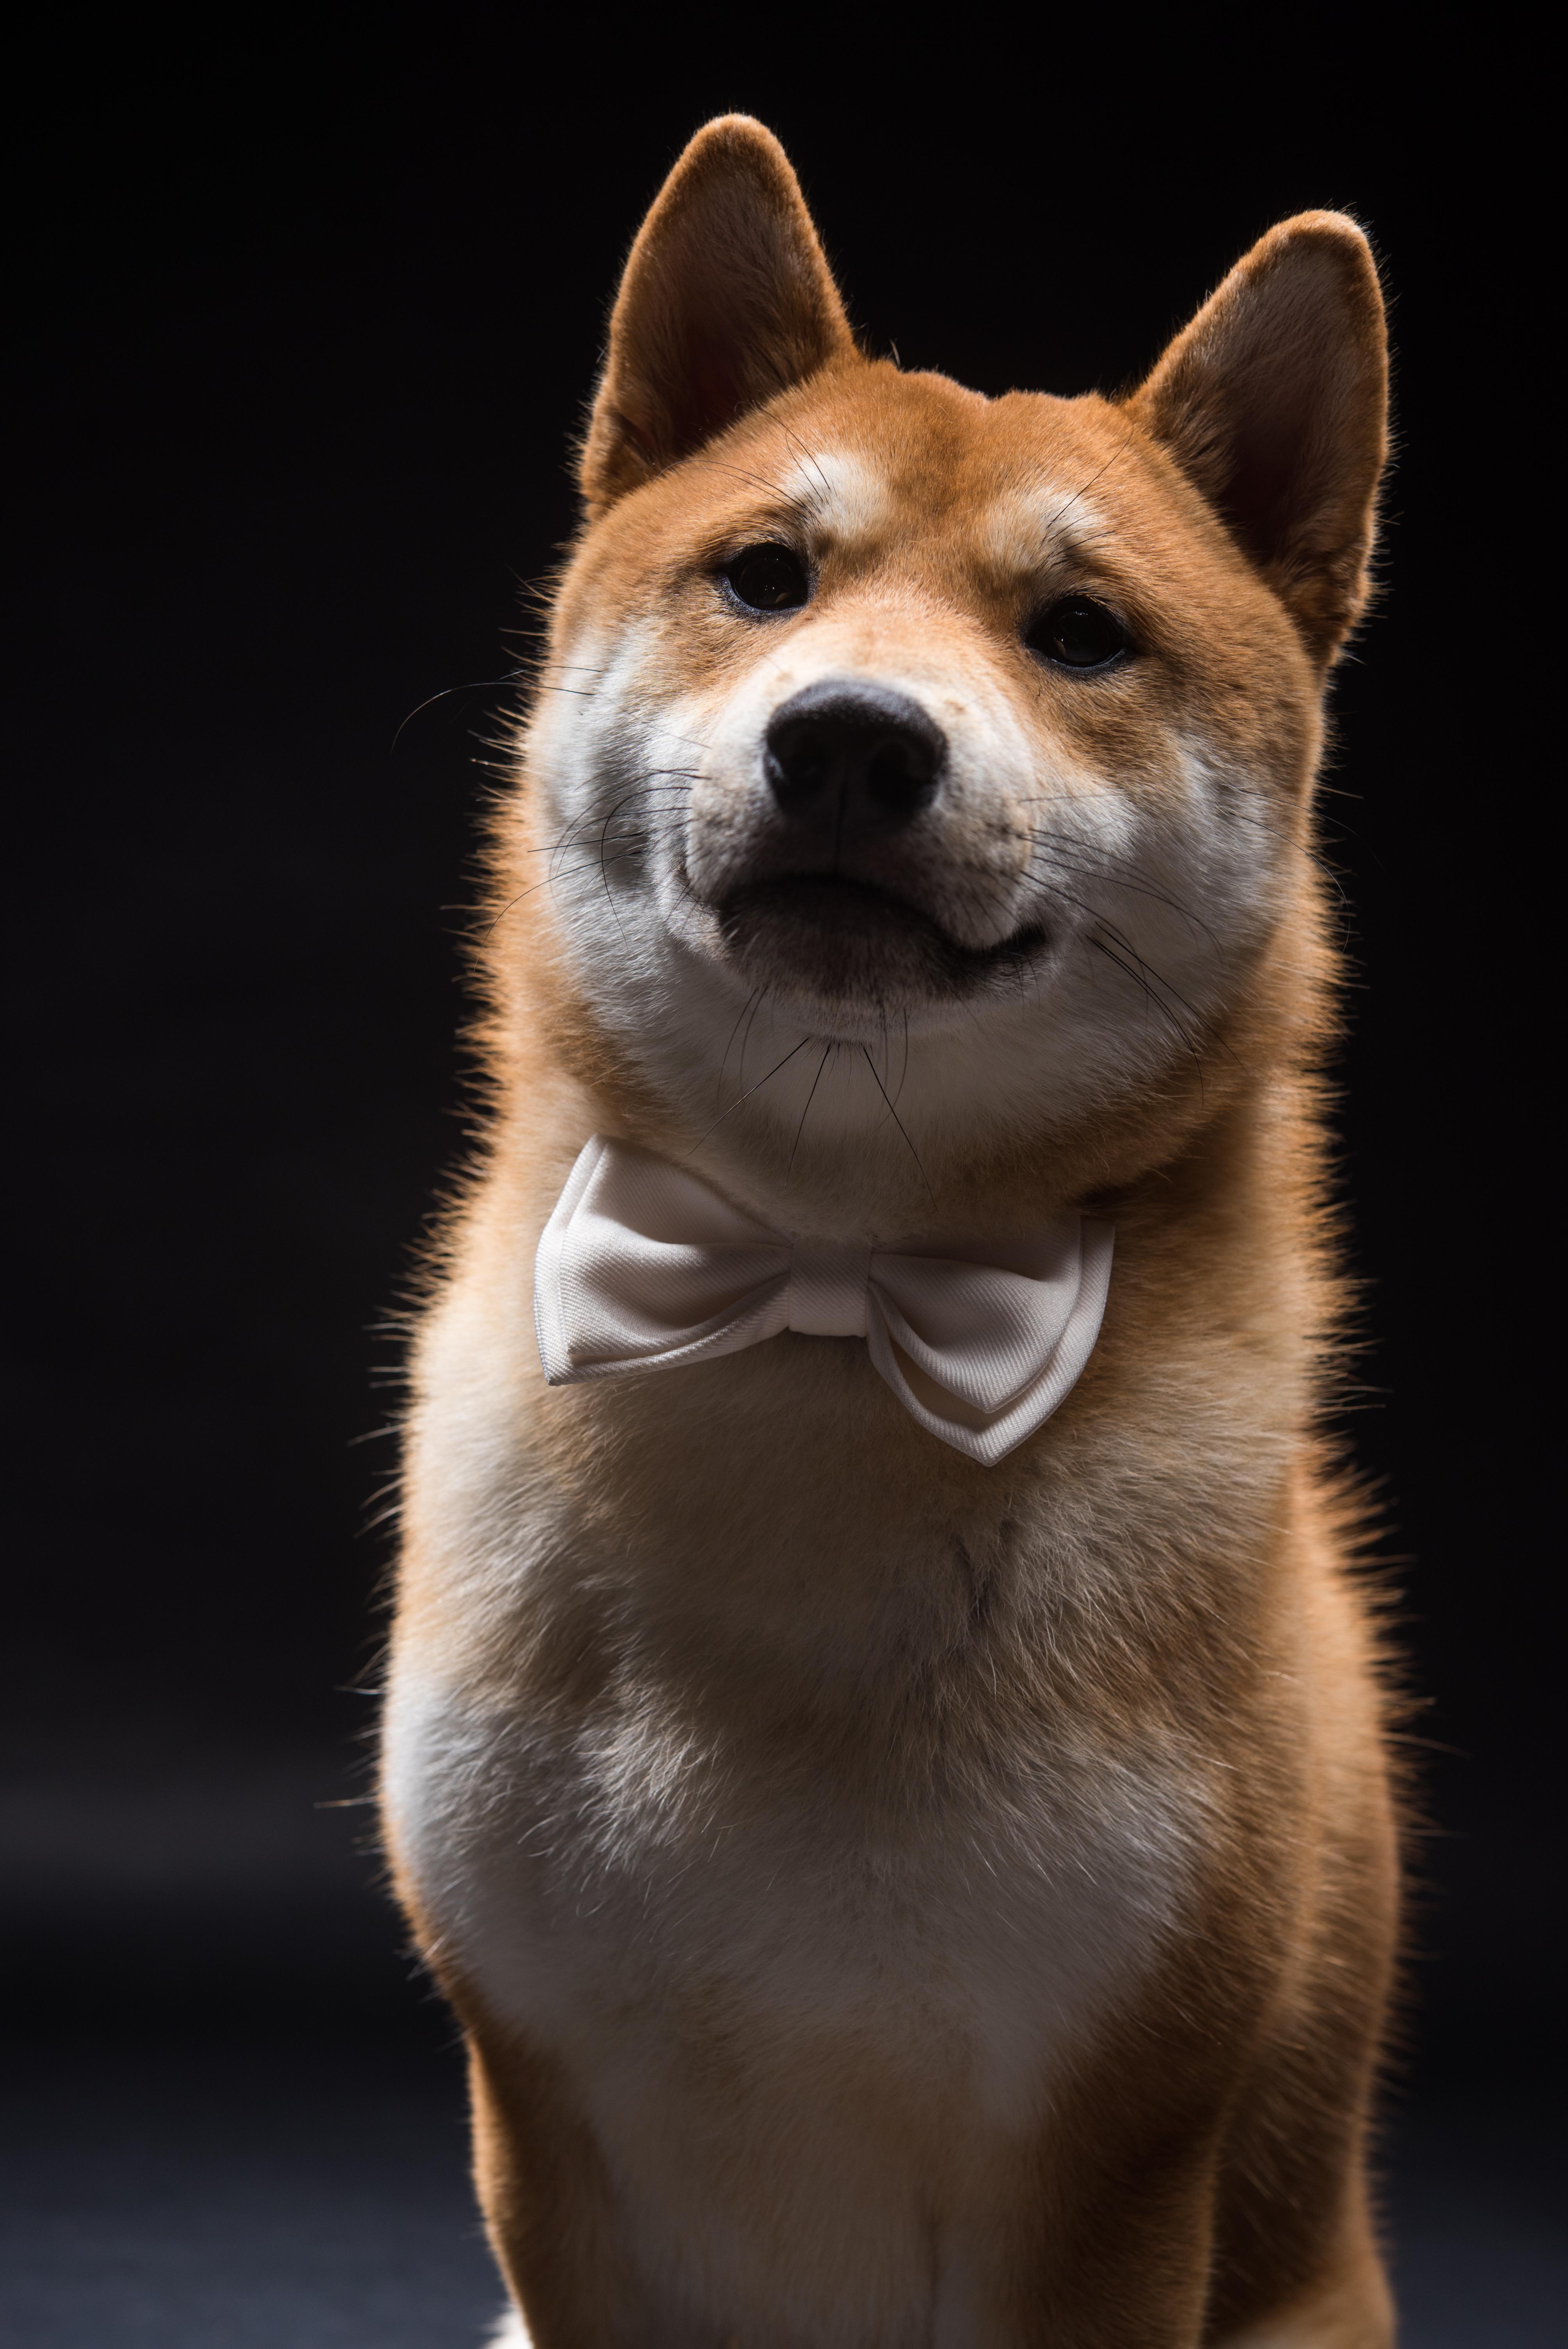 台中寵物攝影,柴犬寵物攝影,柴犬全家福,俐蓓爾攝影